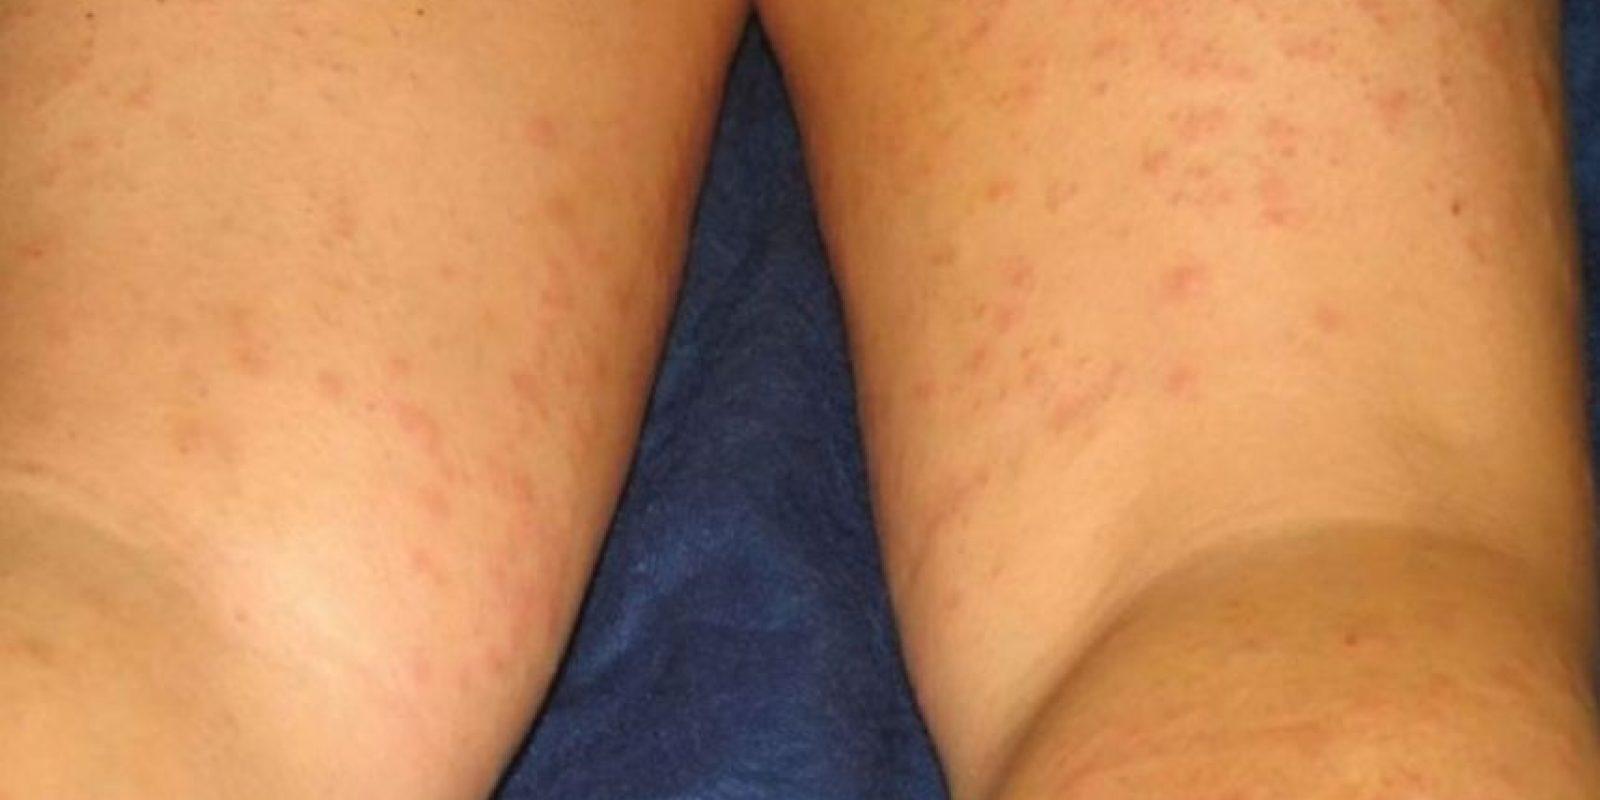 Esta chica resultó alérgica a un componente de su crema para depilar. Foto:Vía Instagram/#DepilacionFail. Imagen Por: